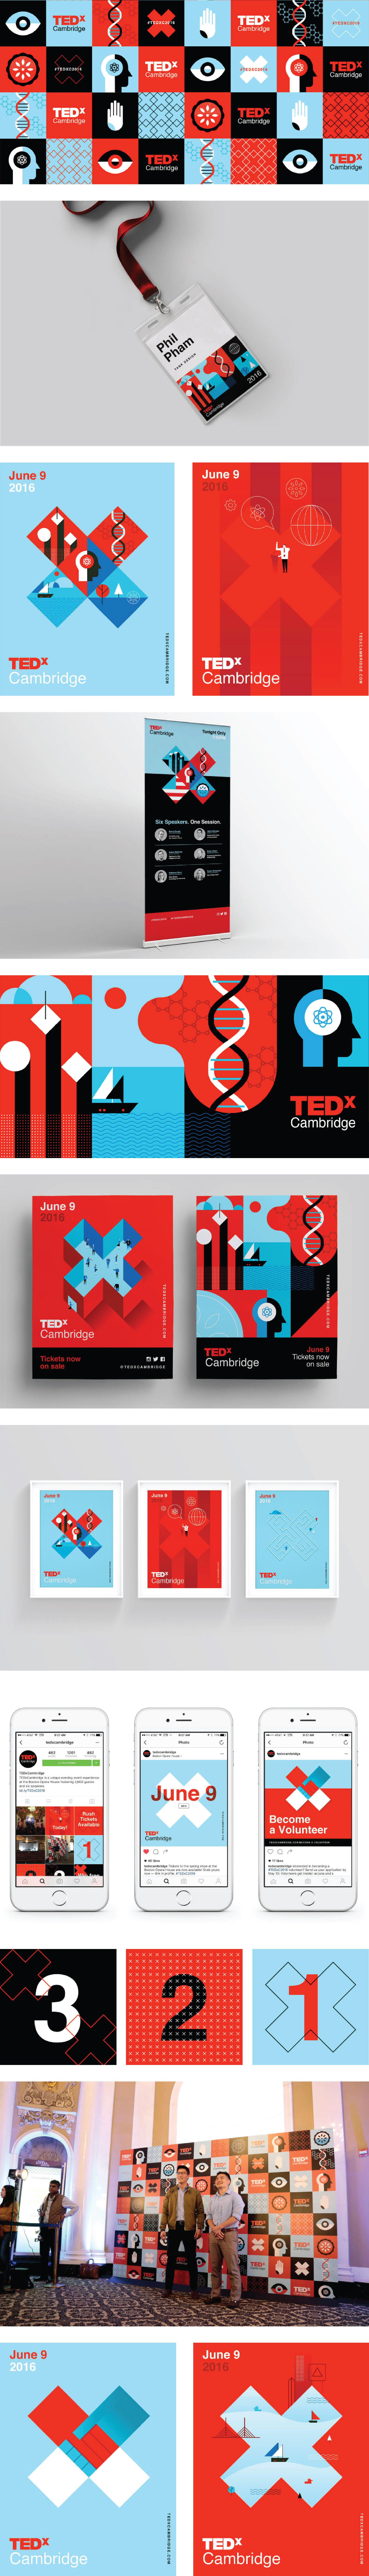 Created By San Francisco Based Designer Phil Pham Philphamdesign Com Massachusett S Tedxcam Branding Design Inspiration Branding Design Conference Design